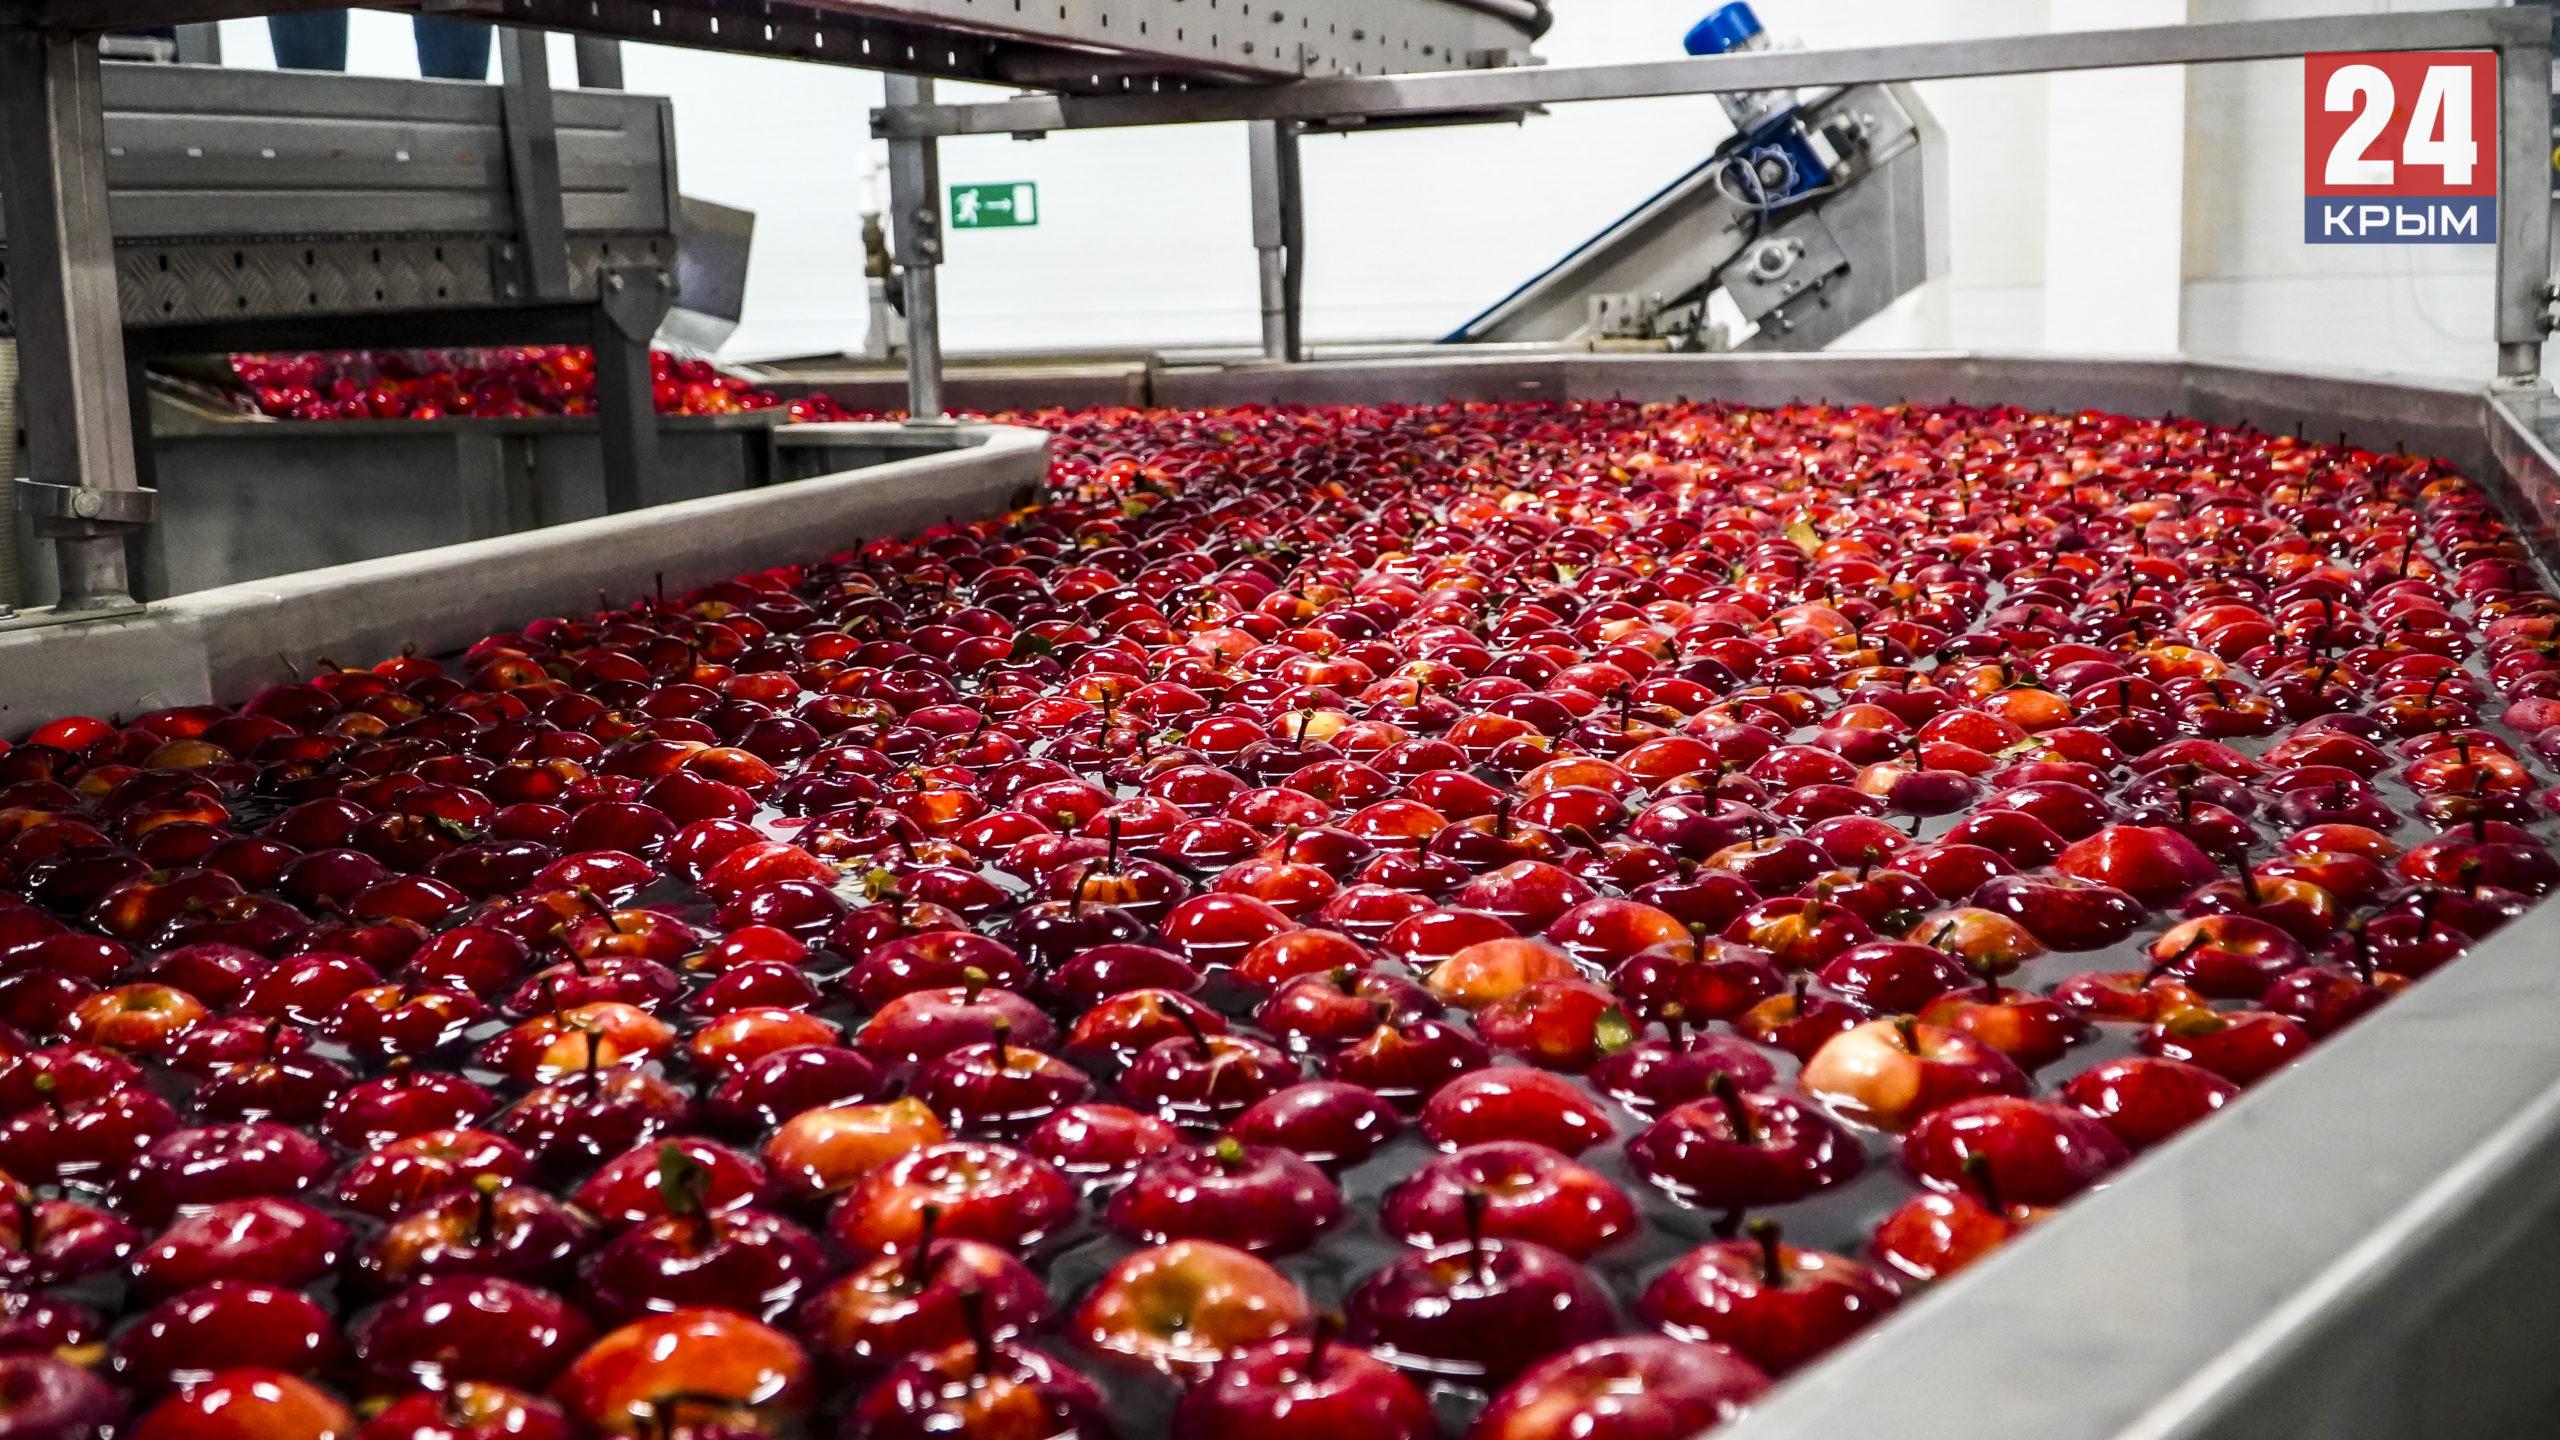 В Крыму почти за две недели собрали до 40 тысяч тонн яблок. ФОТО